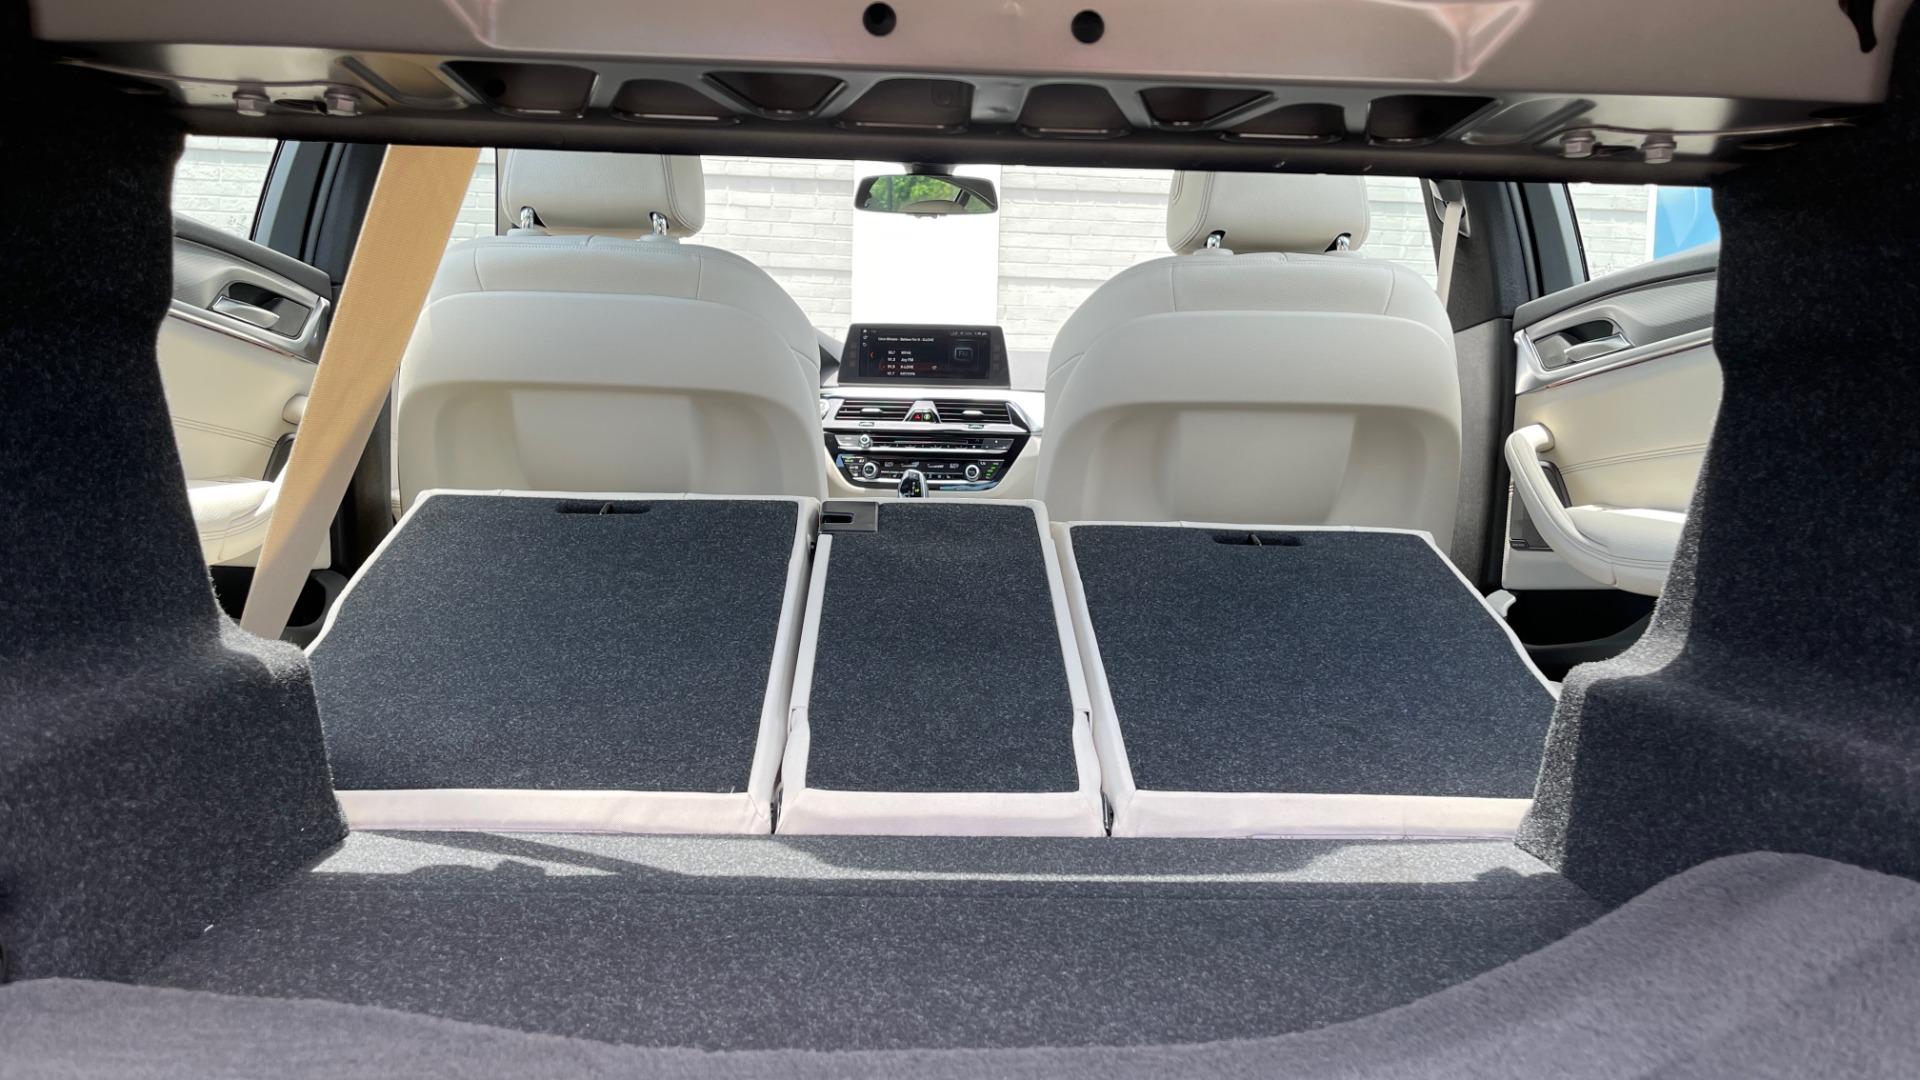 Used 2018 BMW 5 SERIES 540I M-SPORT / EXECUTIVE PKG / DRVR ASST PKG / BLIND SPOT / LANE DEPART for sale $40,995 at Formula Imports in Charlotte NC 28227 30